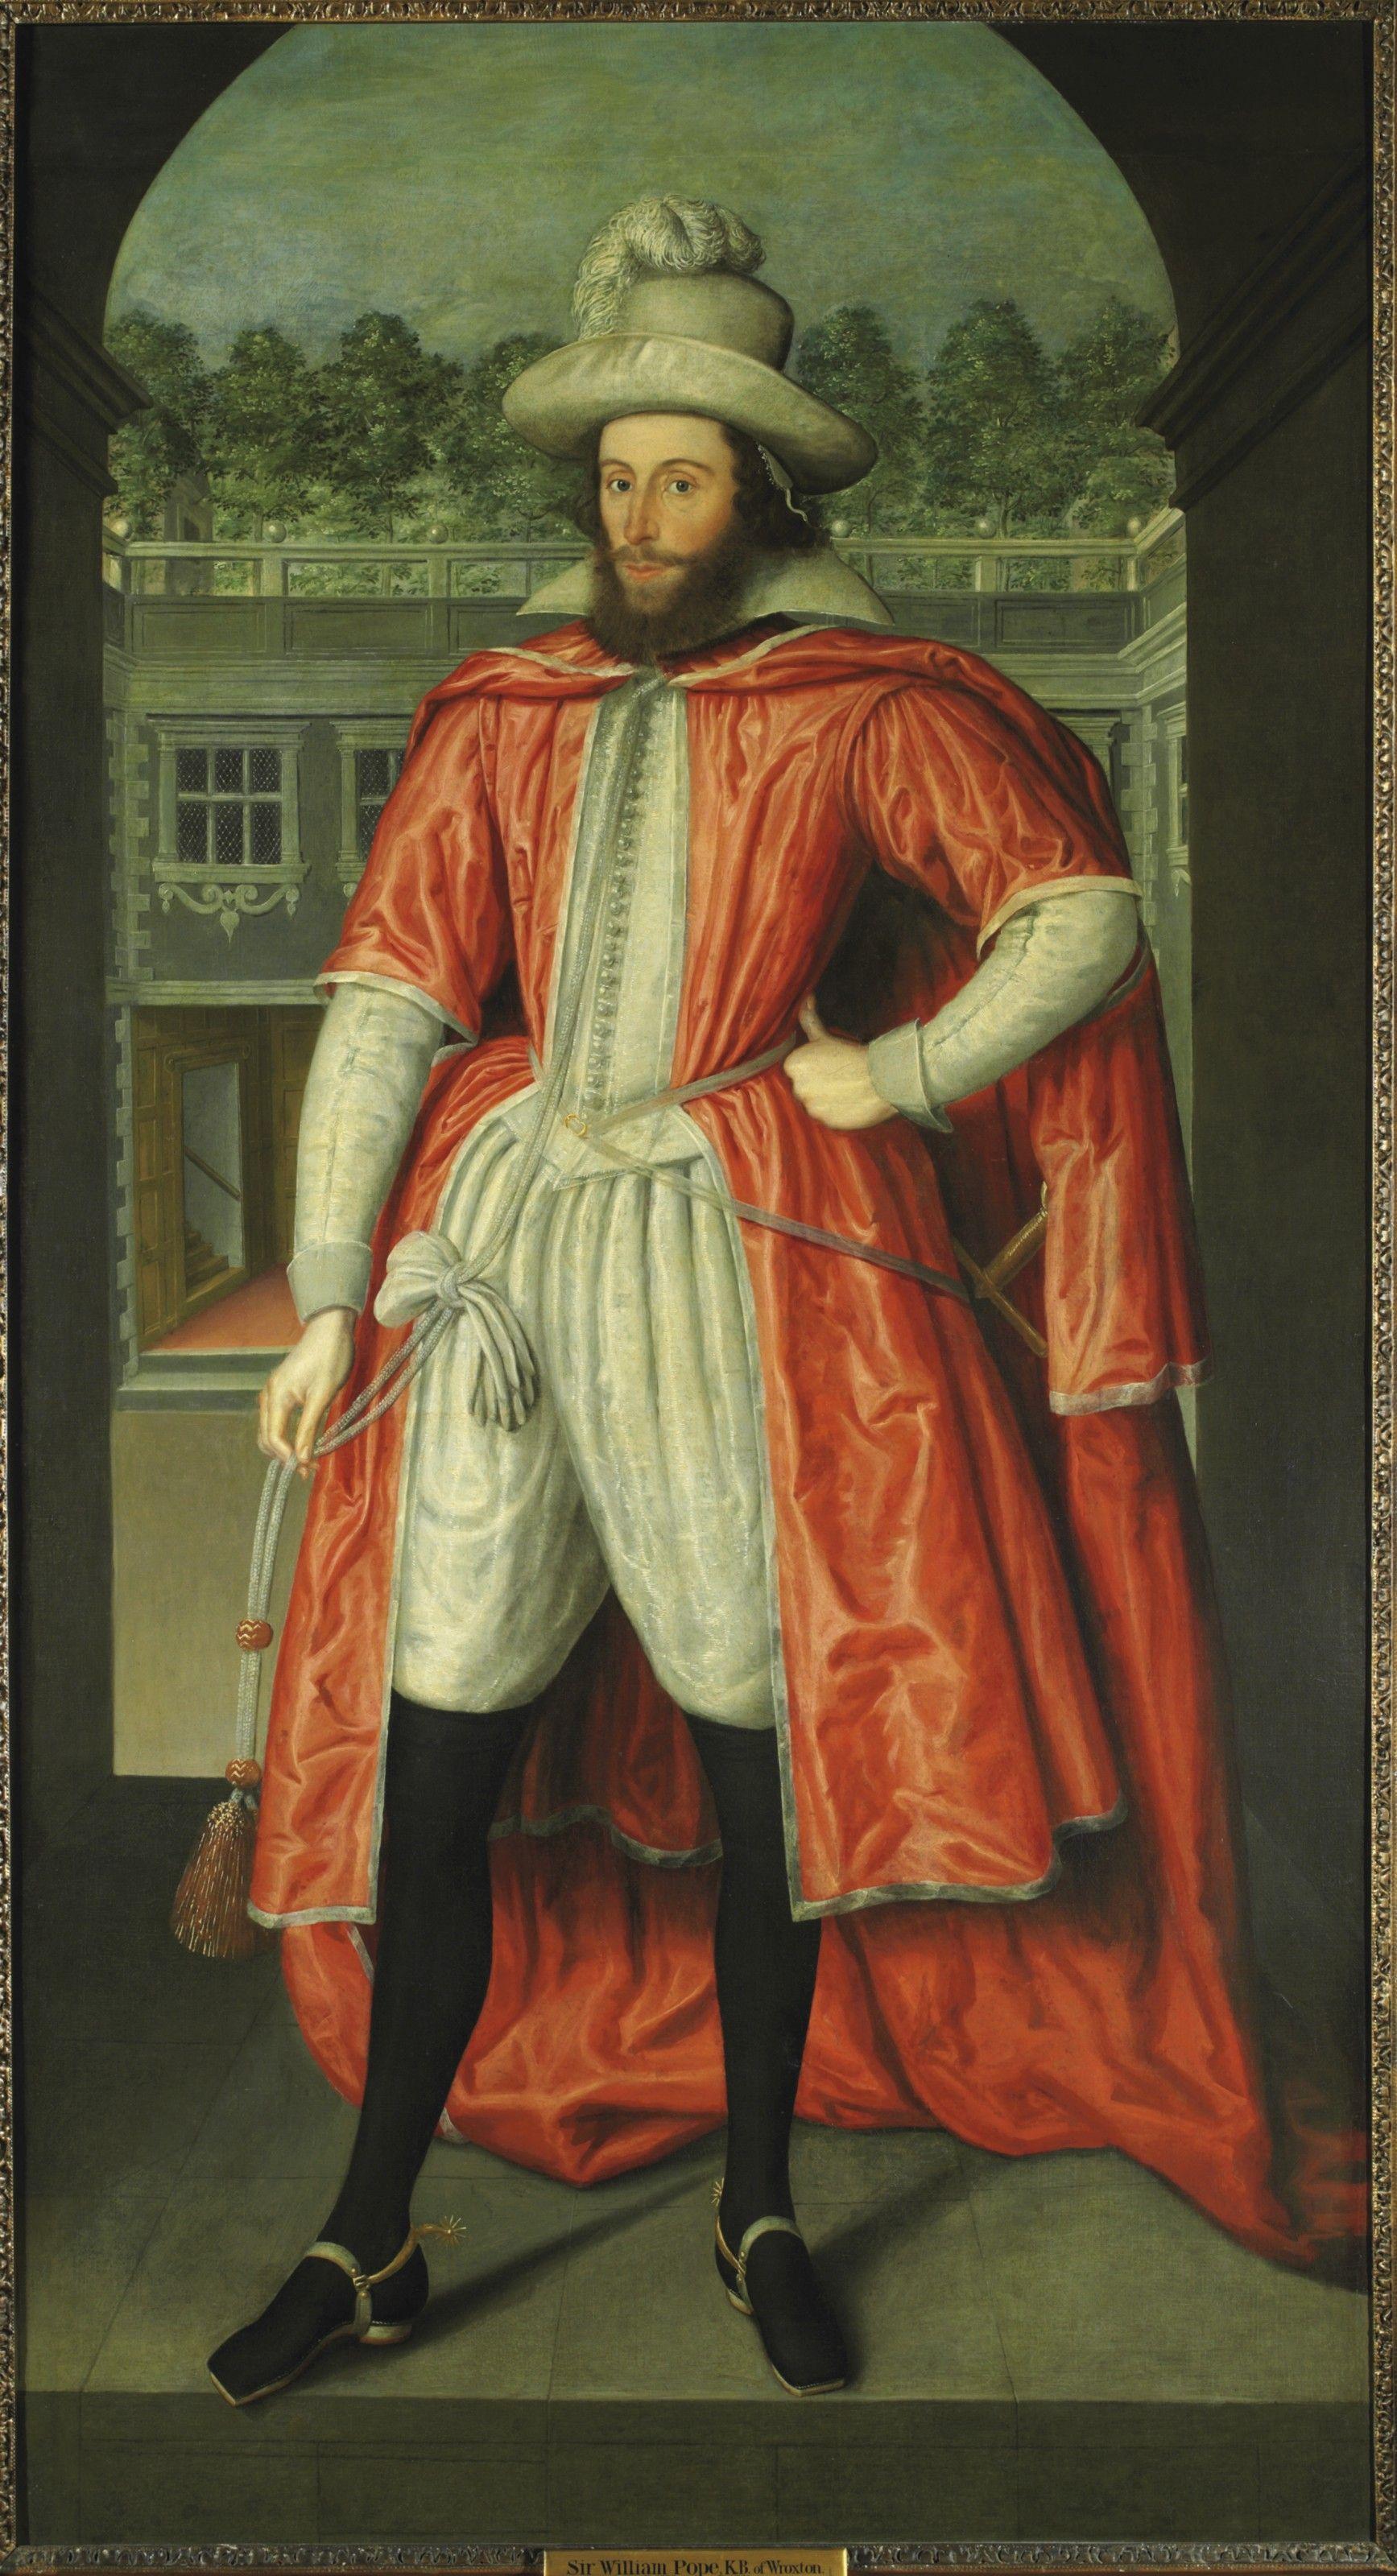 William Pope, 1st Earl of Downe (1573-1631) by Robert Peake